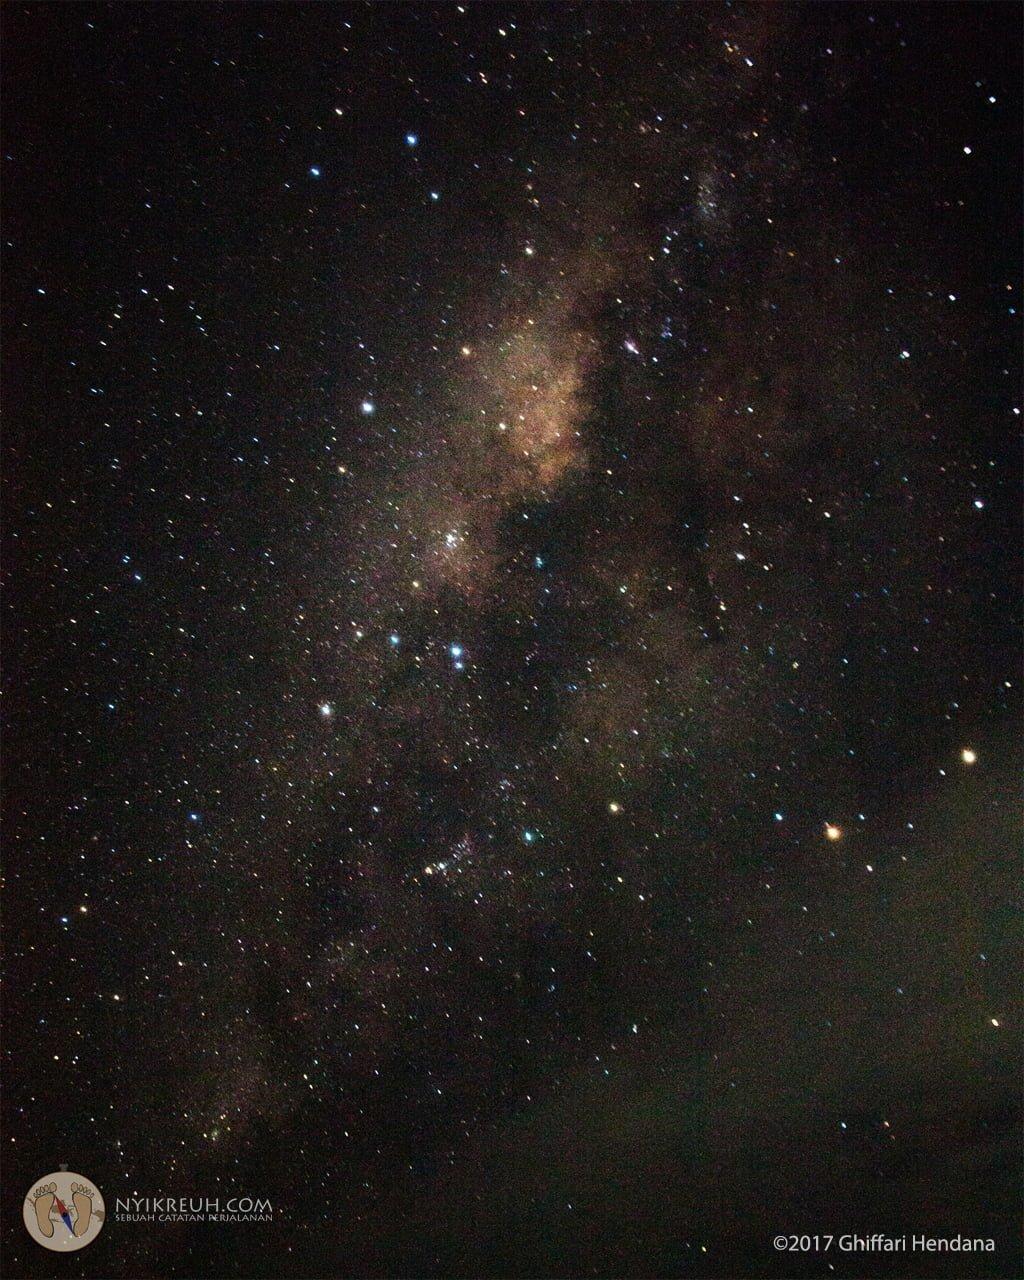 Milky Way, hal yang jarang bisa kita lihat di perkotaan